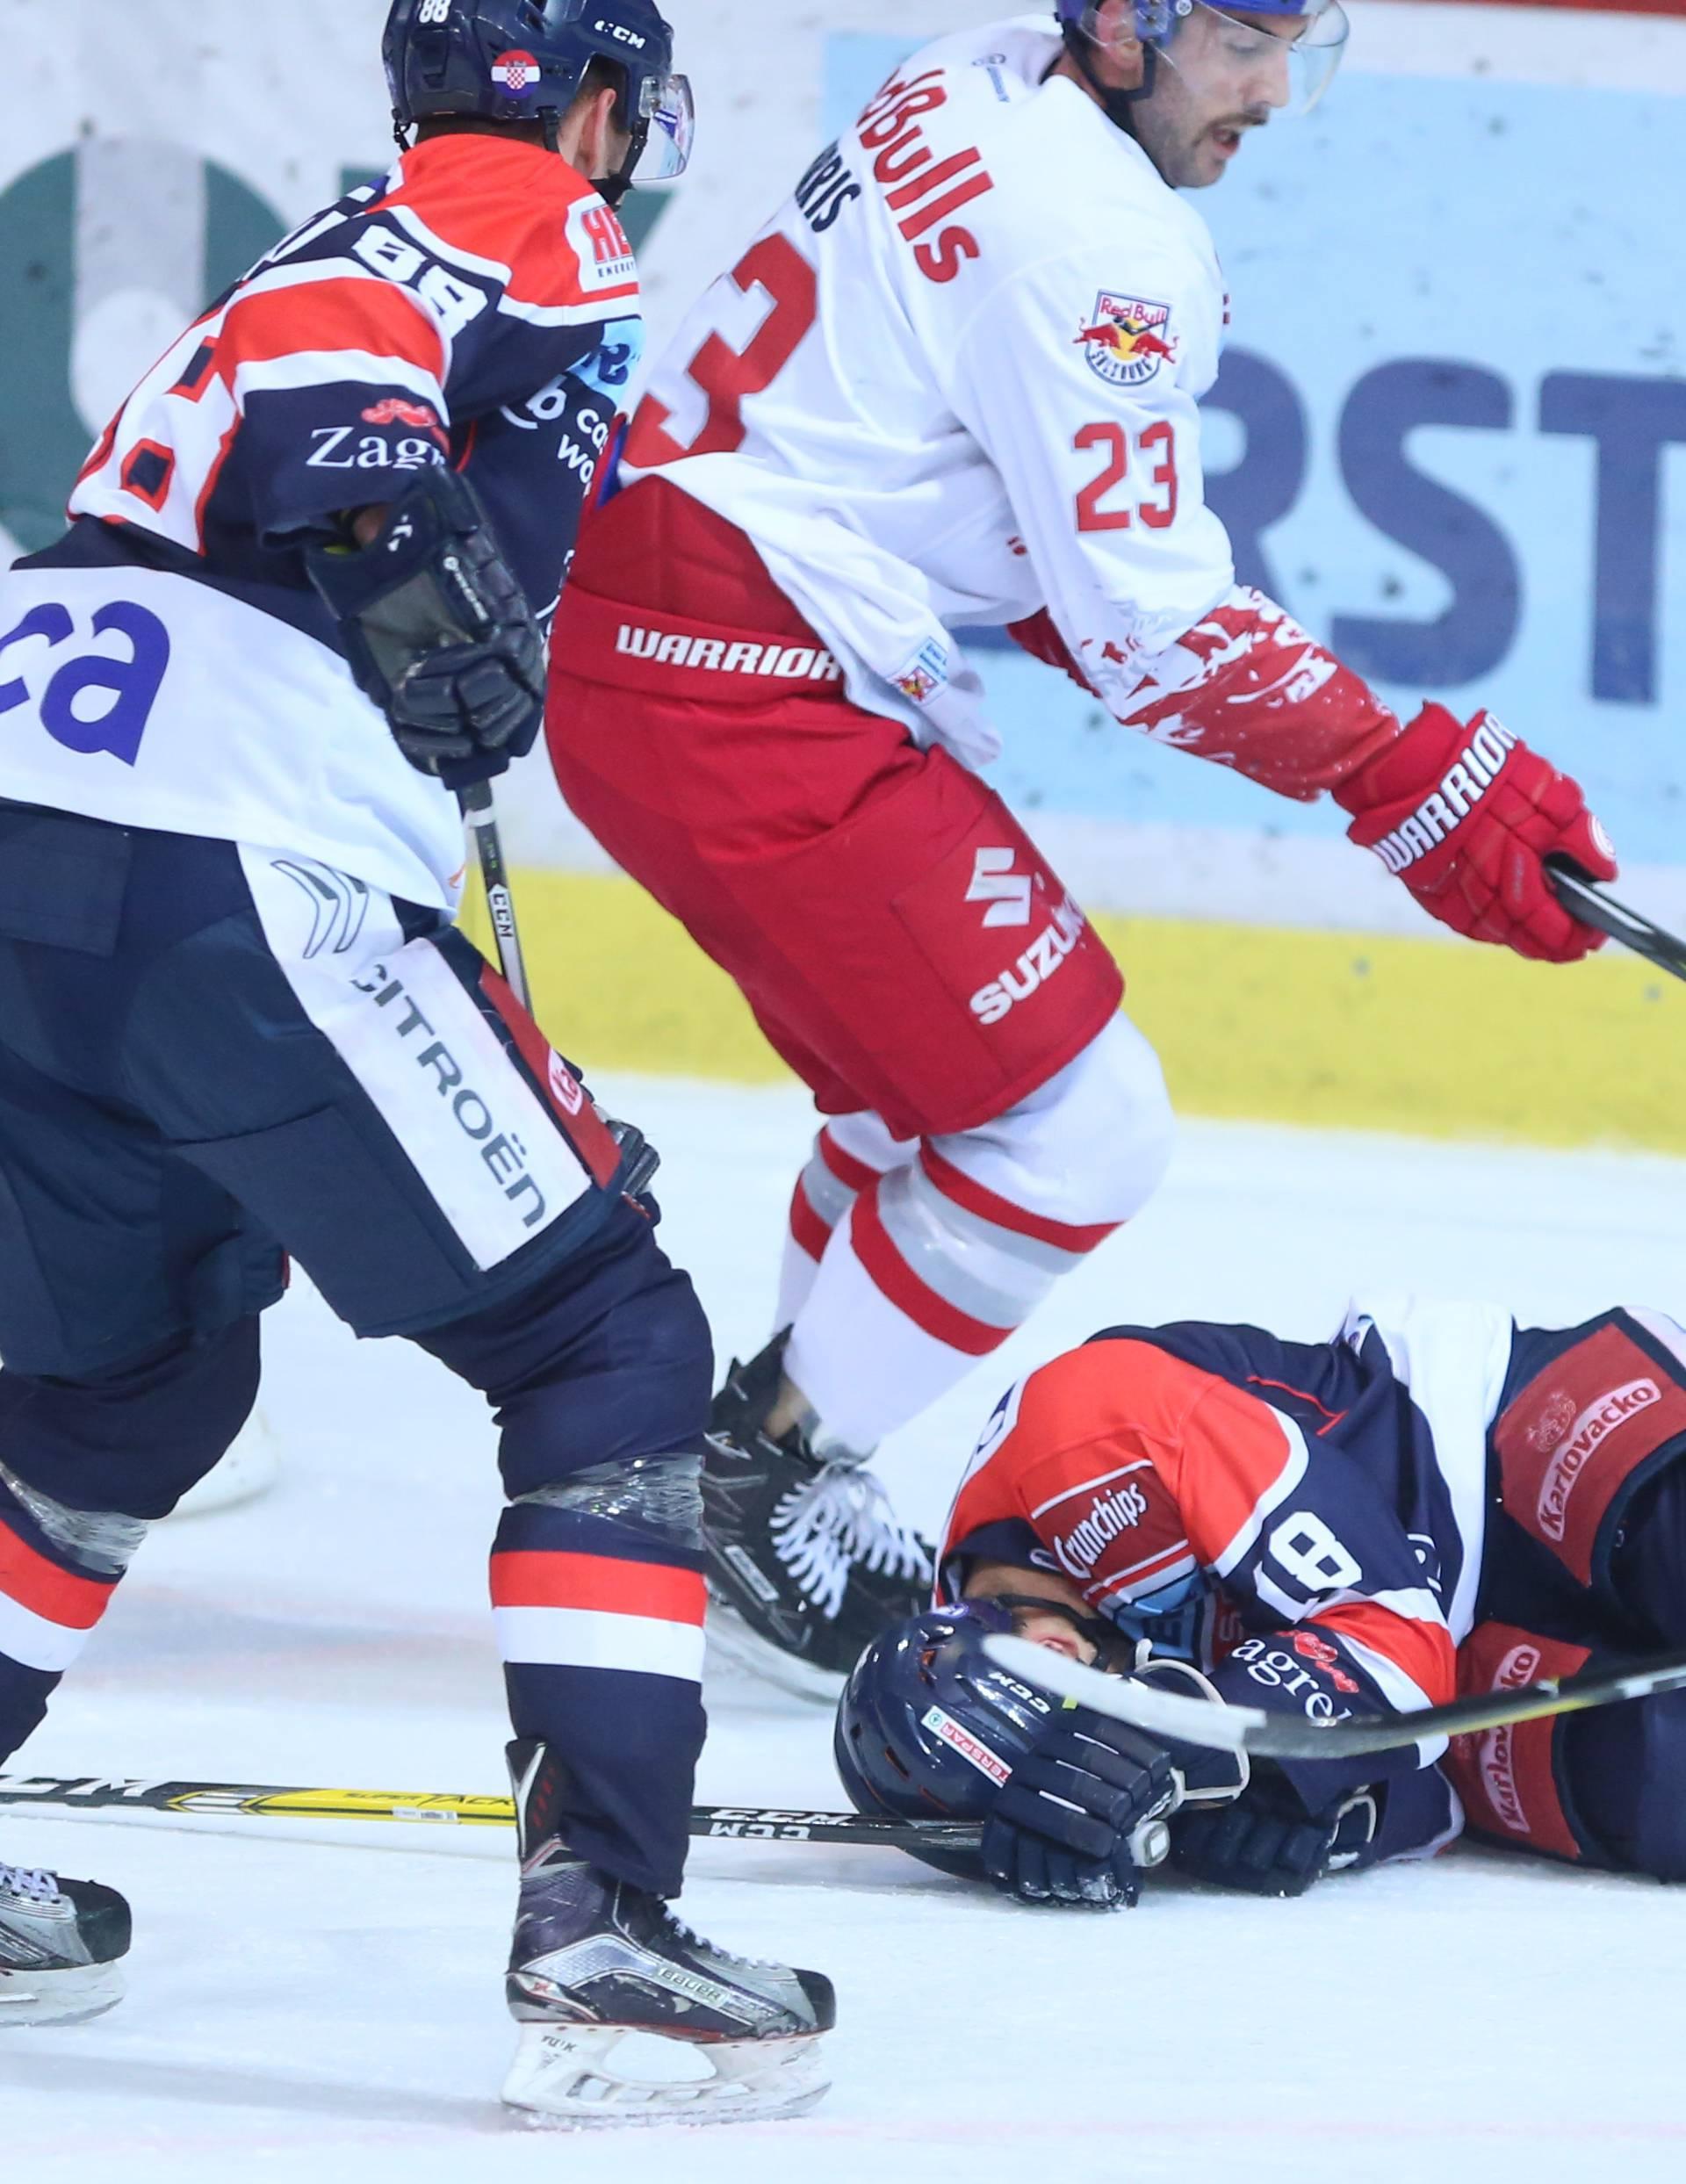 KHL Medvescak - EC Red Bull Salzburg